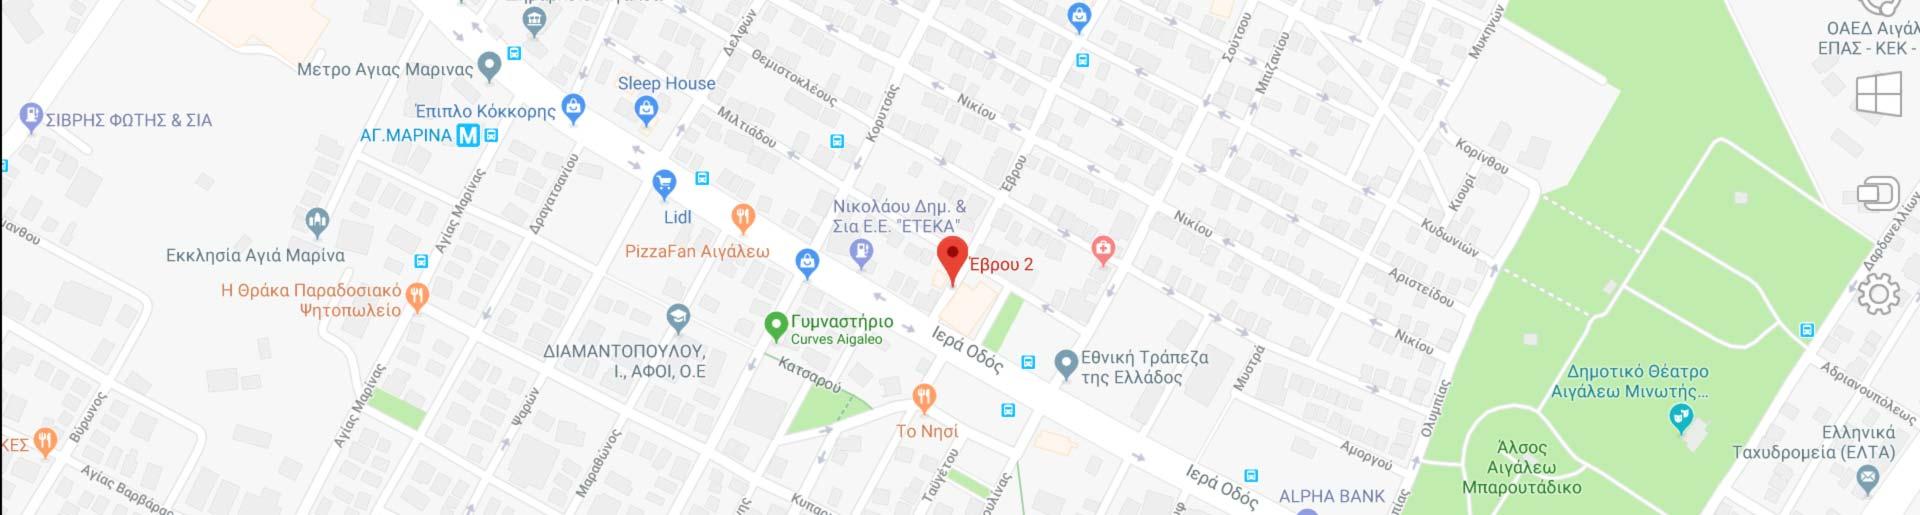 ΚΑΝΤΕ Click ΓΙΑ ΝΑ ΜΕΤΑΦΕΡΘΕΙΤΕ ΣΤΟ Google Maps